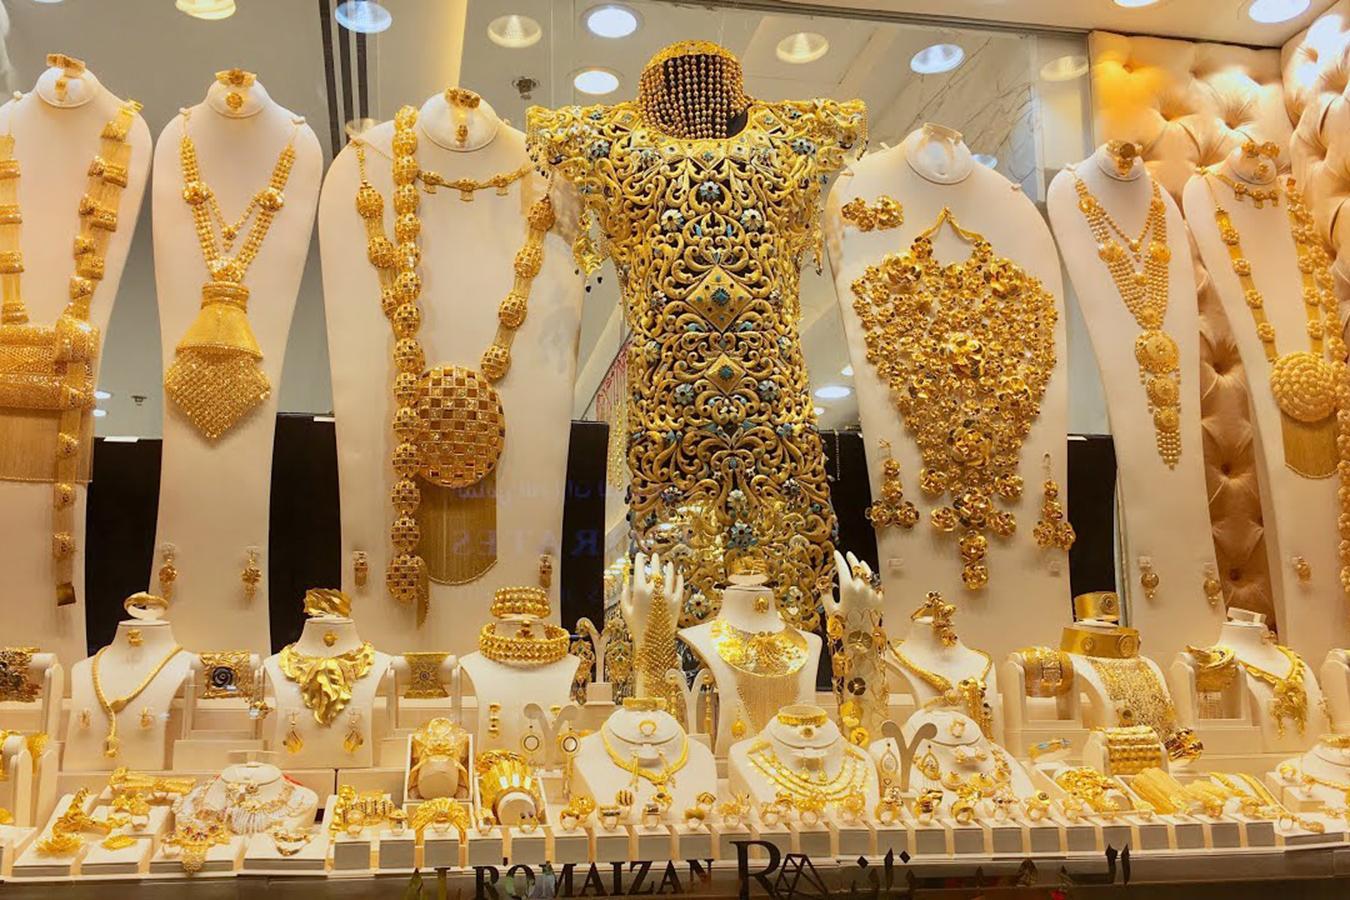 Lóa mắt trước khu chợ toàn bằng vàng ở UAE - Ảnh 7.